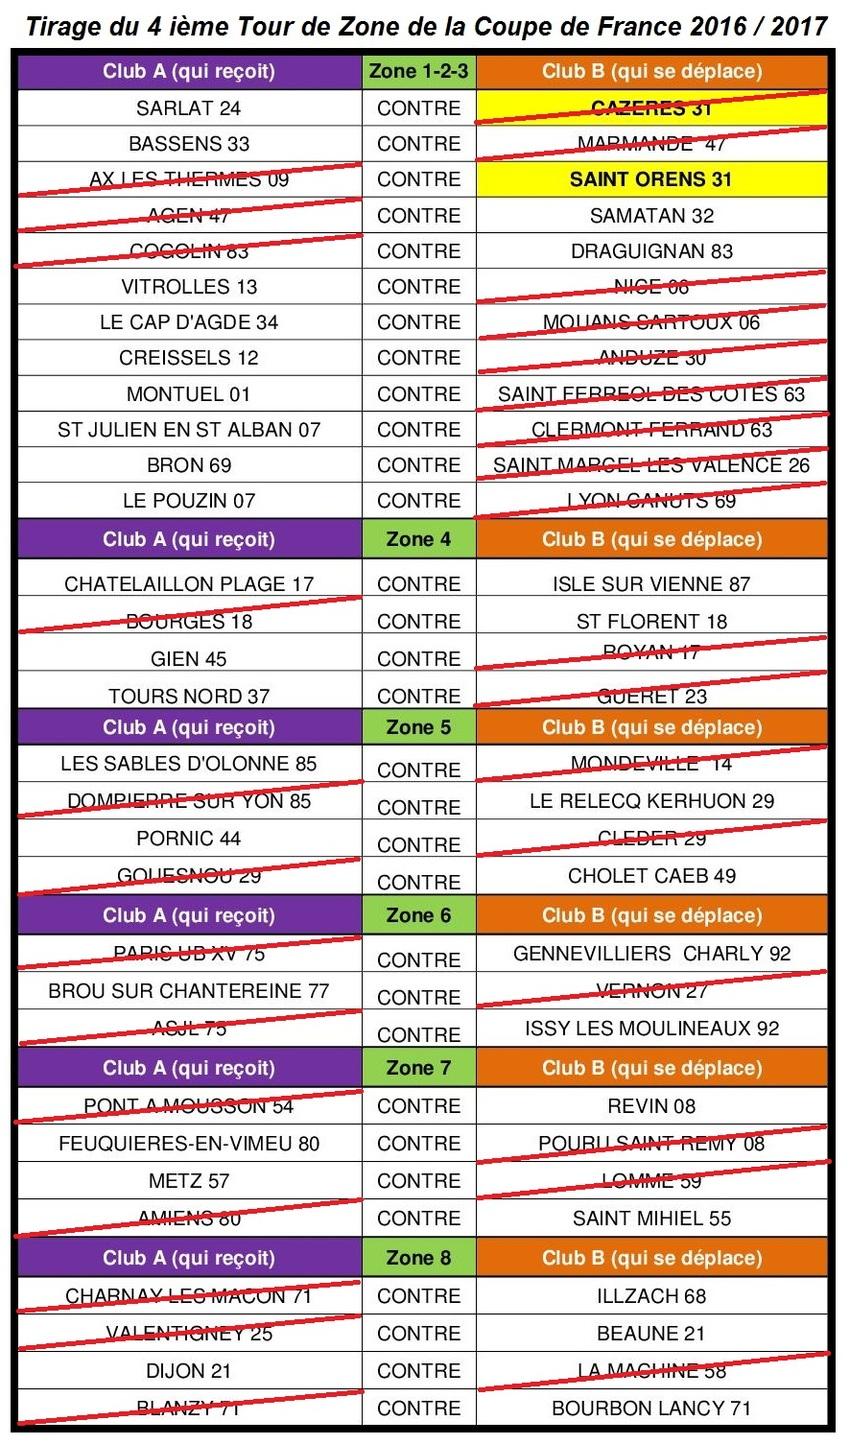 Tirage du 4ème Tour Zone 1 - Coupe de France 2016 - 2017